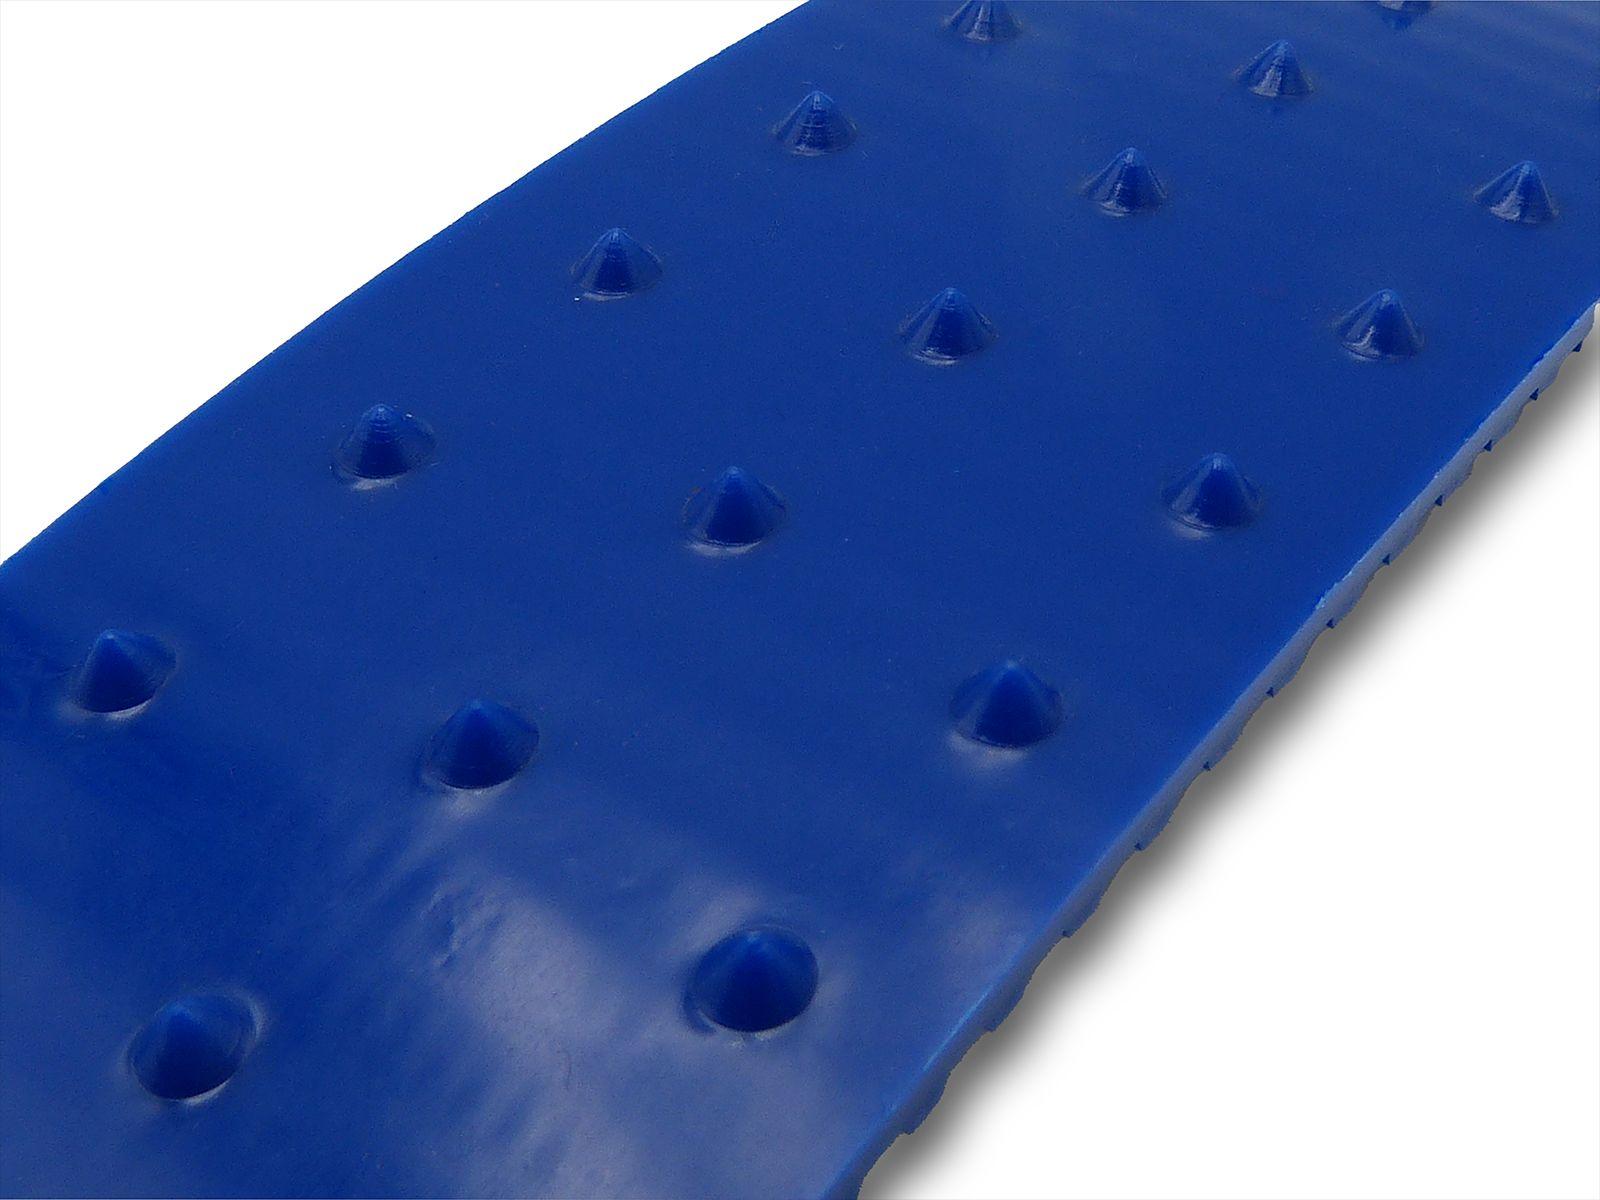 Tasselli di forma conica cono alti 2 mm distanziati di 15 mm